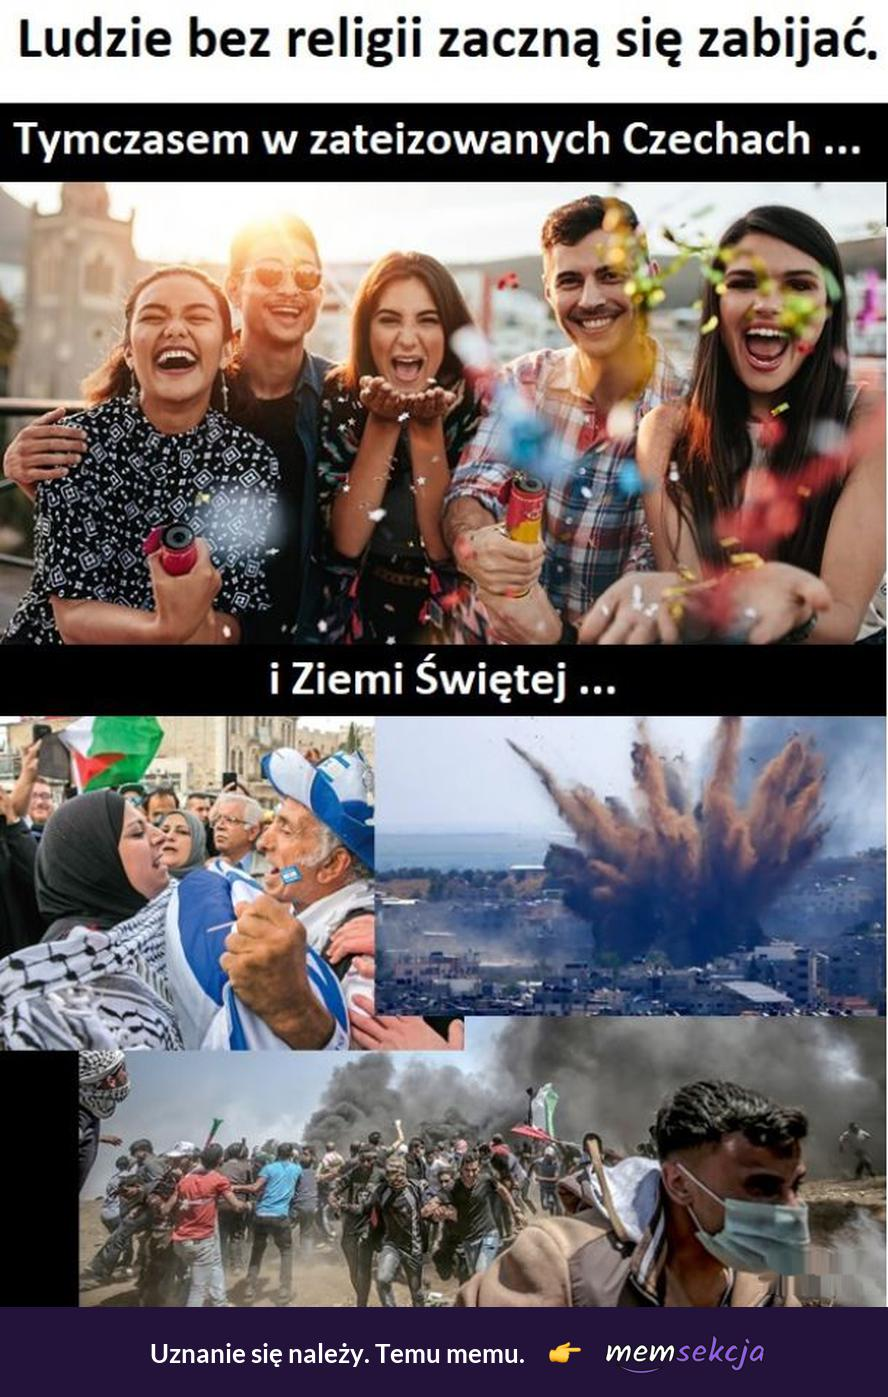 Czechy vs Ziemia Święta. Memy. Czechy